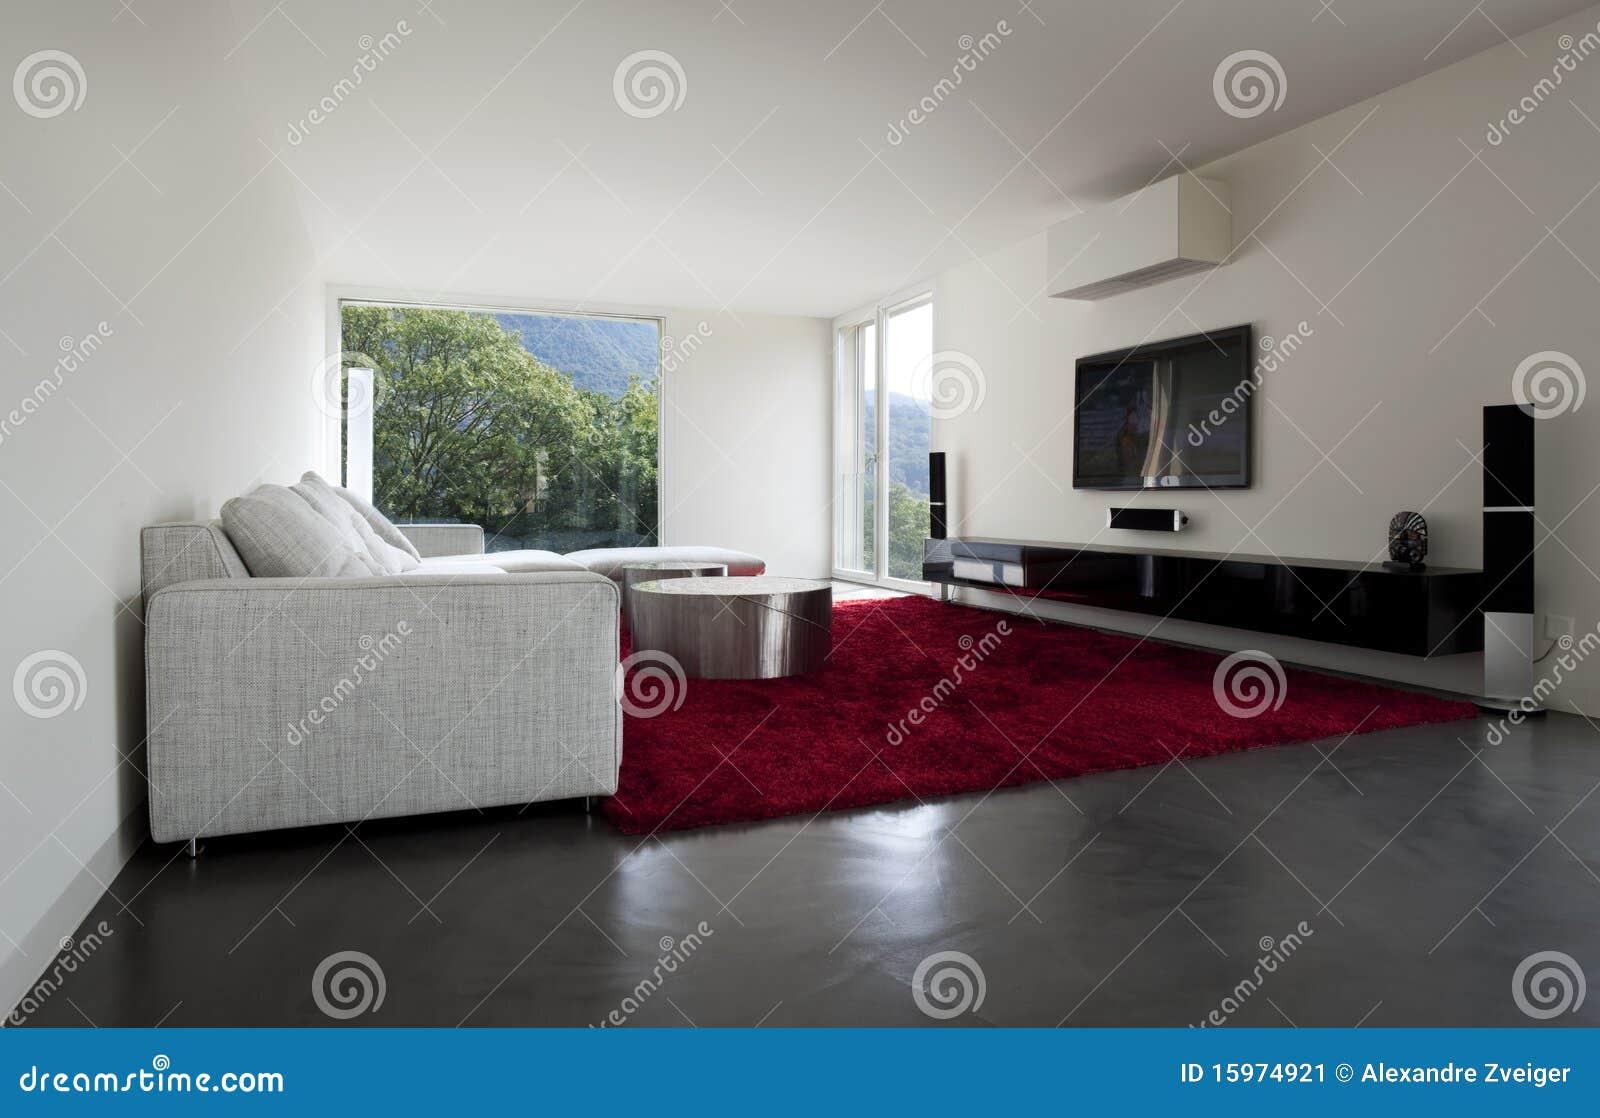 Download Eine Schöne Neue Wohnung Stockbild. Bild Von Teppich   15974921